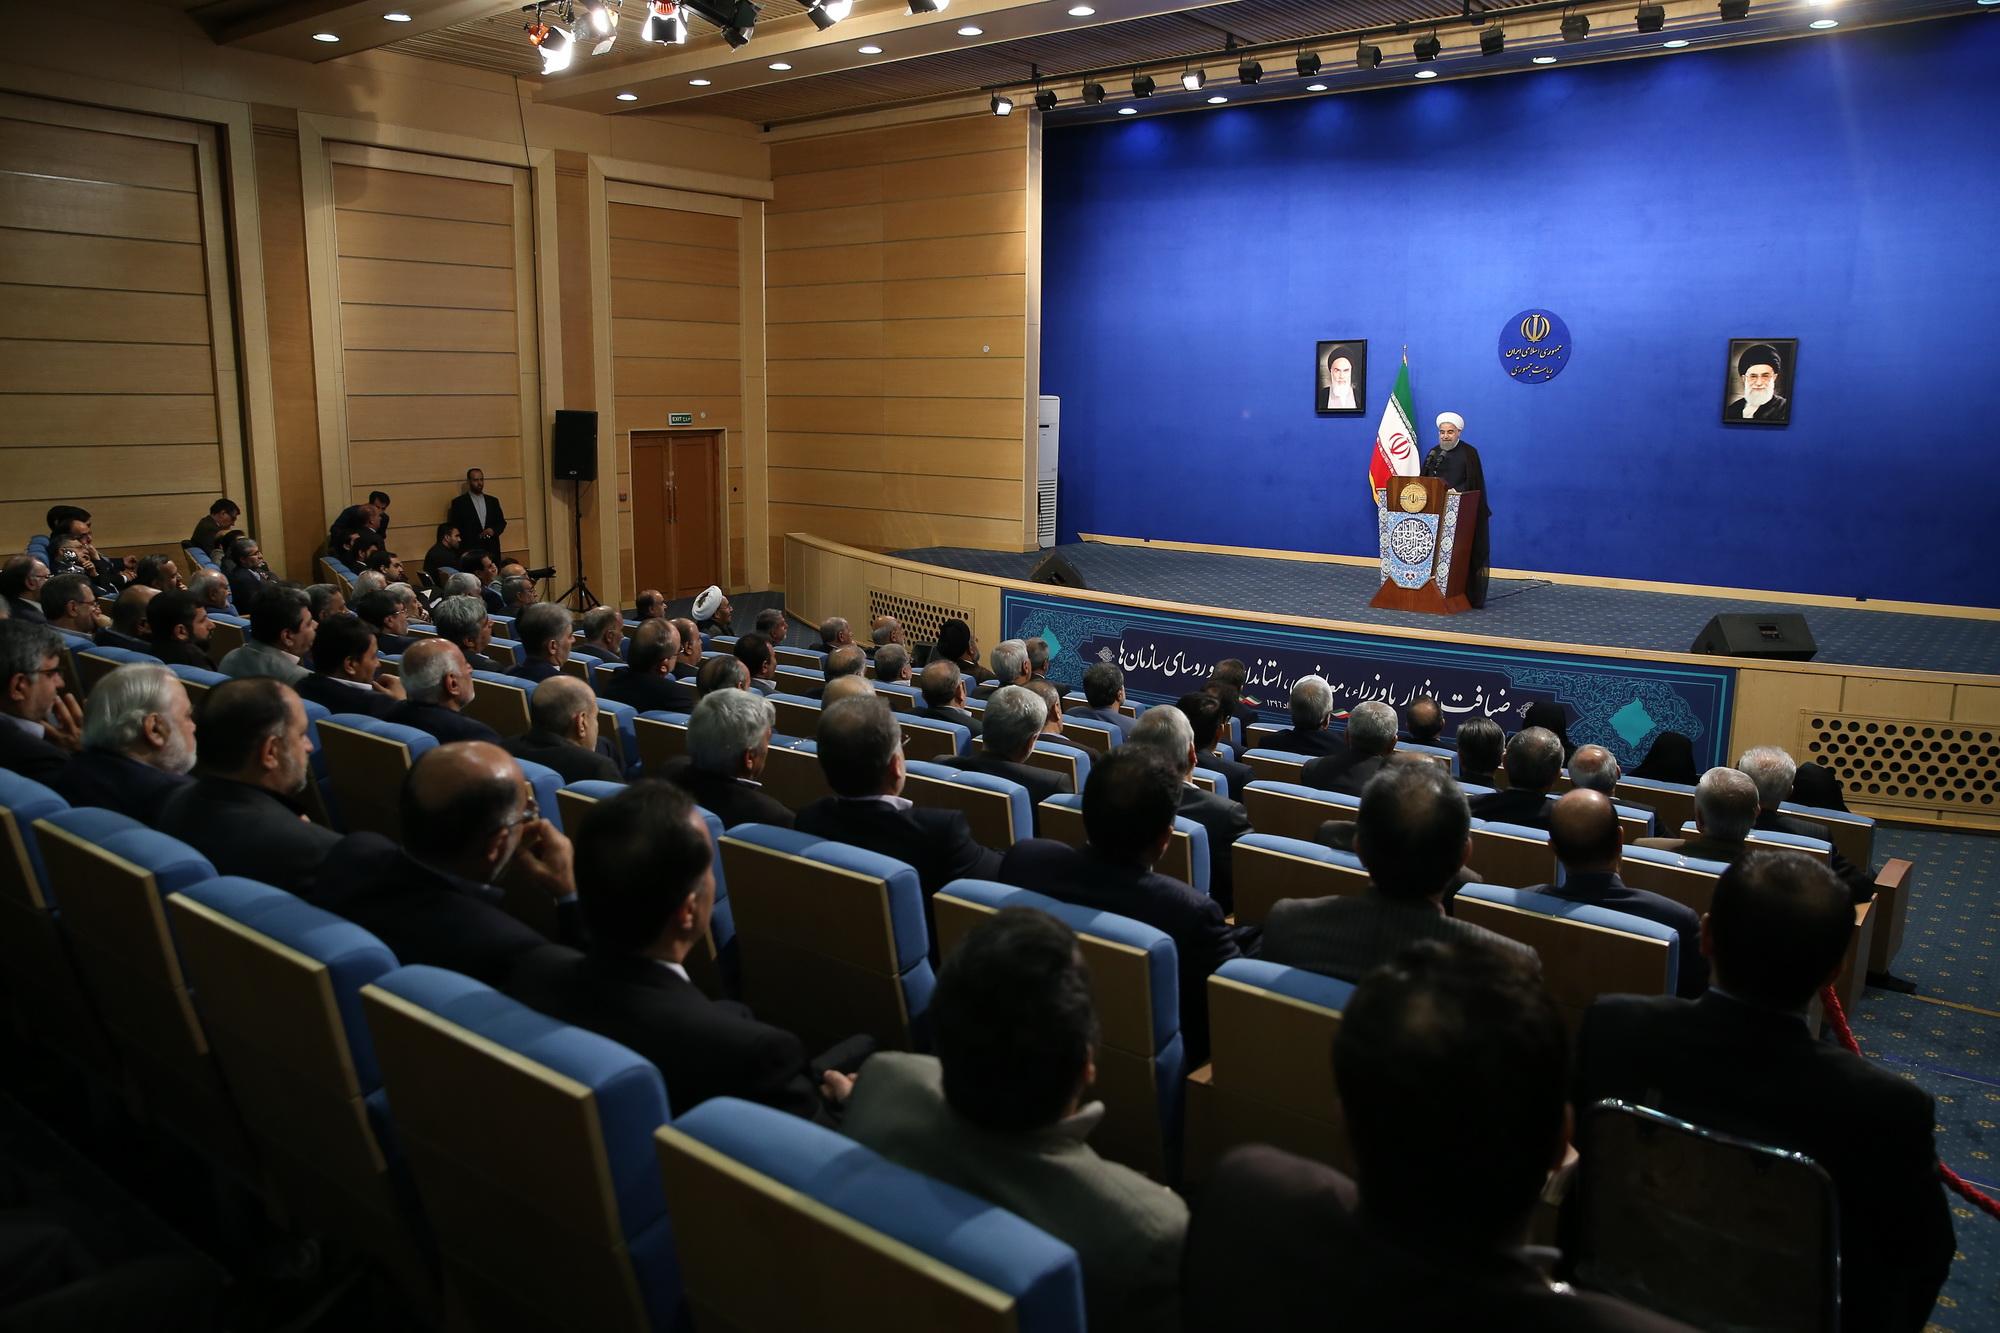 روحانی:نمی پذیریم هر کسی در هر شهری ادعای رهبری داشته باشد